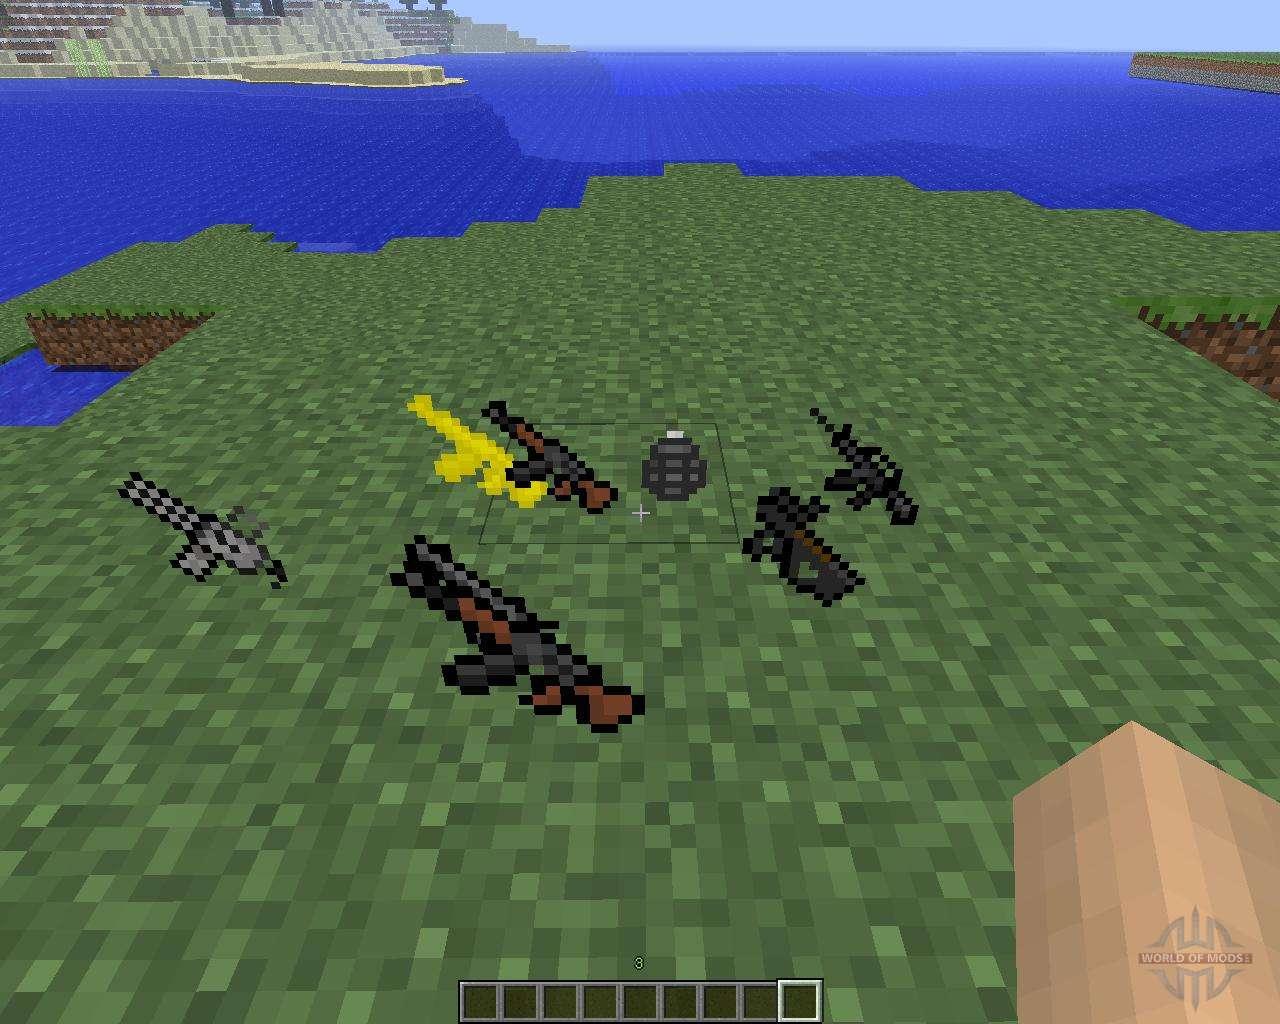 мод на 3d оружие в майнкрафт 1.6.4 #8